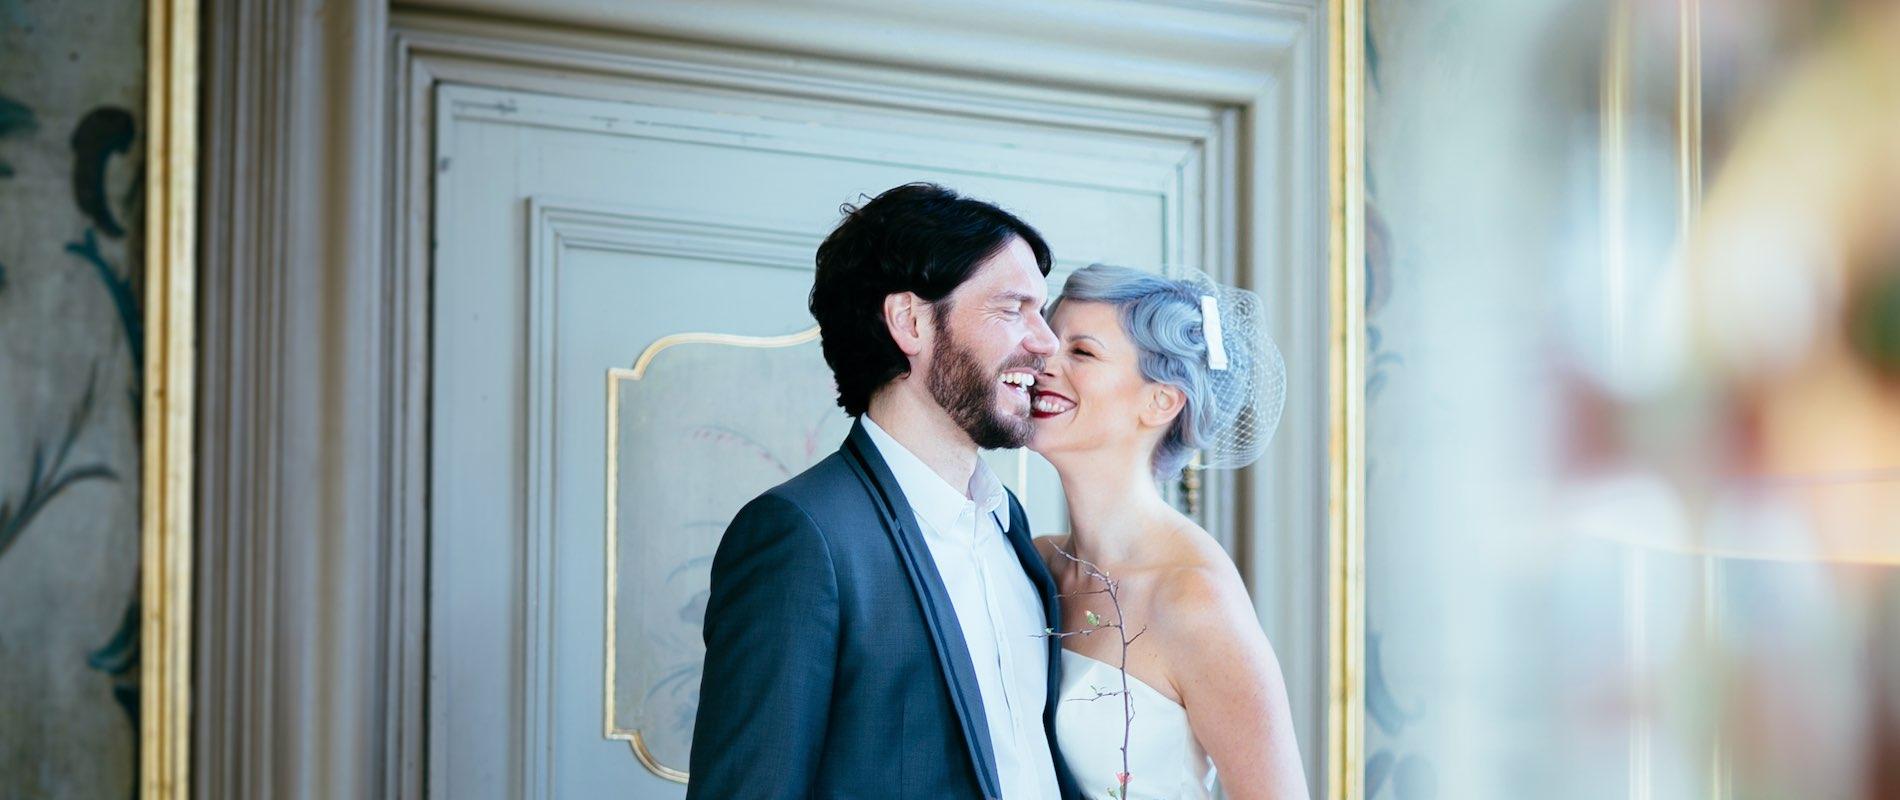 Hochzeitsplanung mit Wedding Planer Christoph Anzer in Mnchen